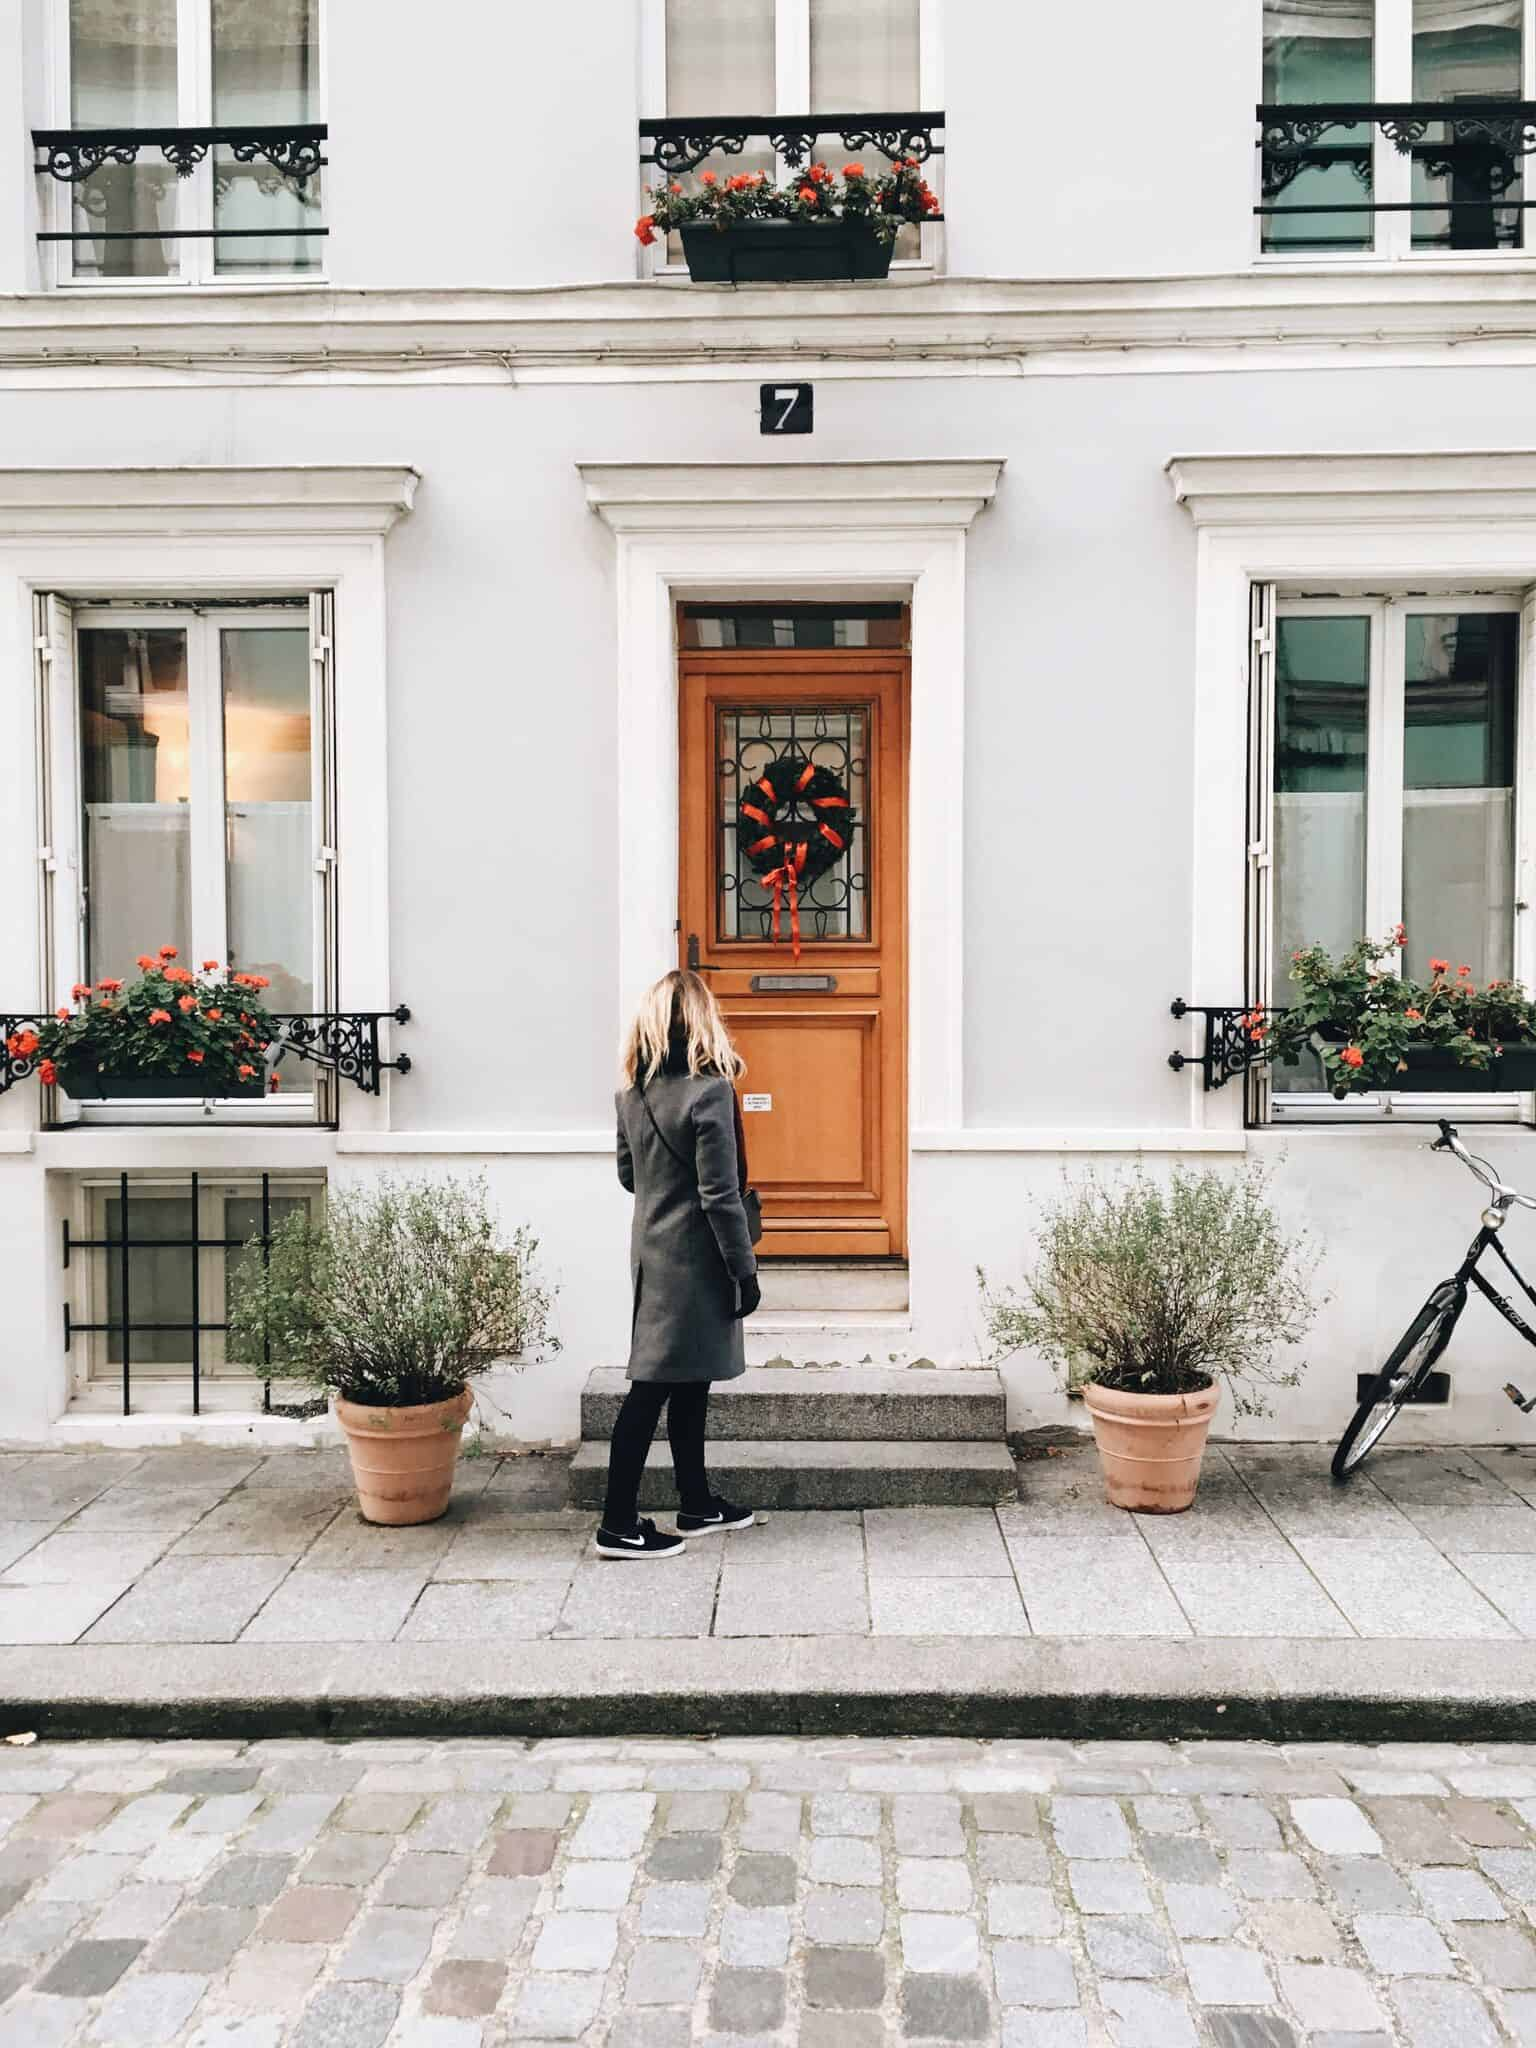 Hotspots in Parijs: de leukste adresjes voor een weekend Parijs!